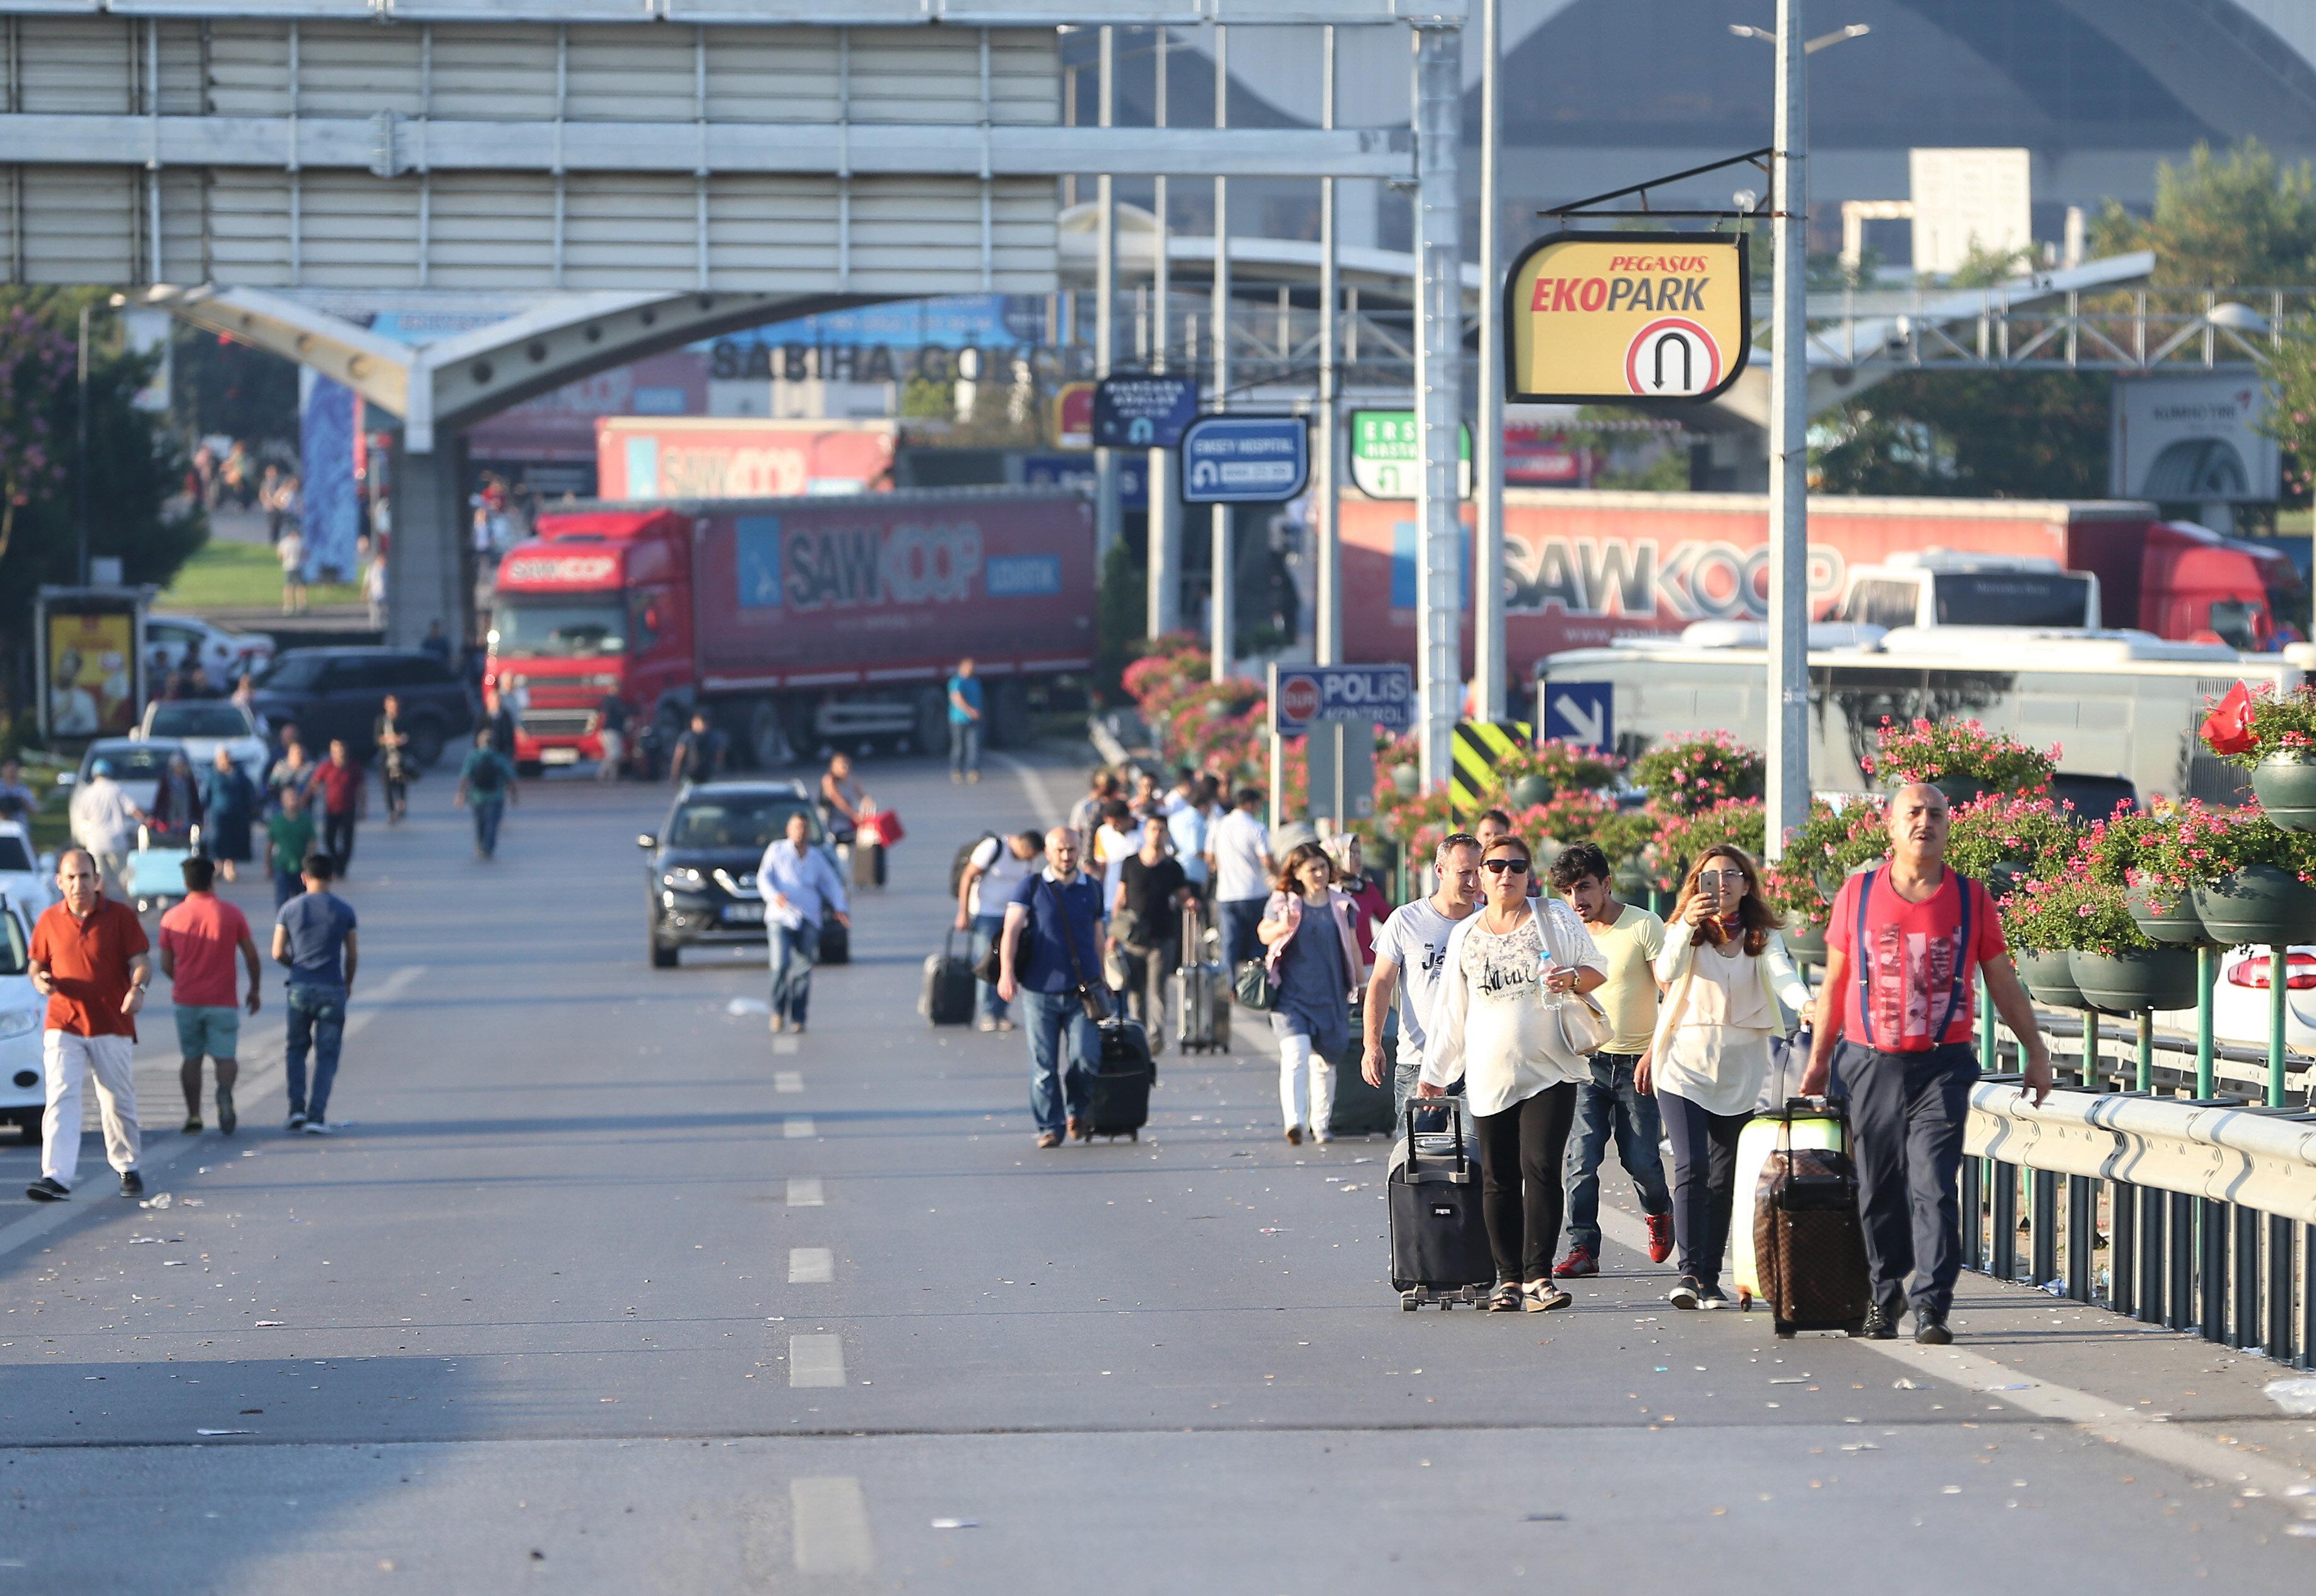 Havalimanında uçuşların iptal olması nedeniyle vatandaşlar valizleriyle bölgeden uzaklaşmaya başladı.